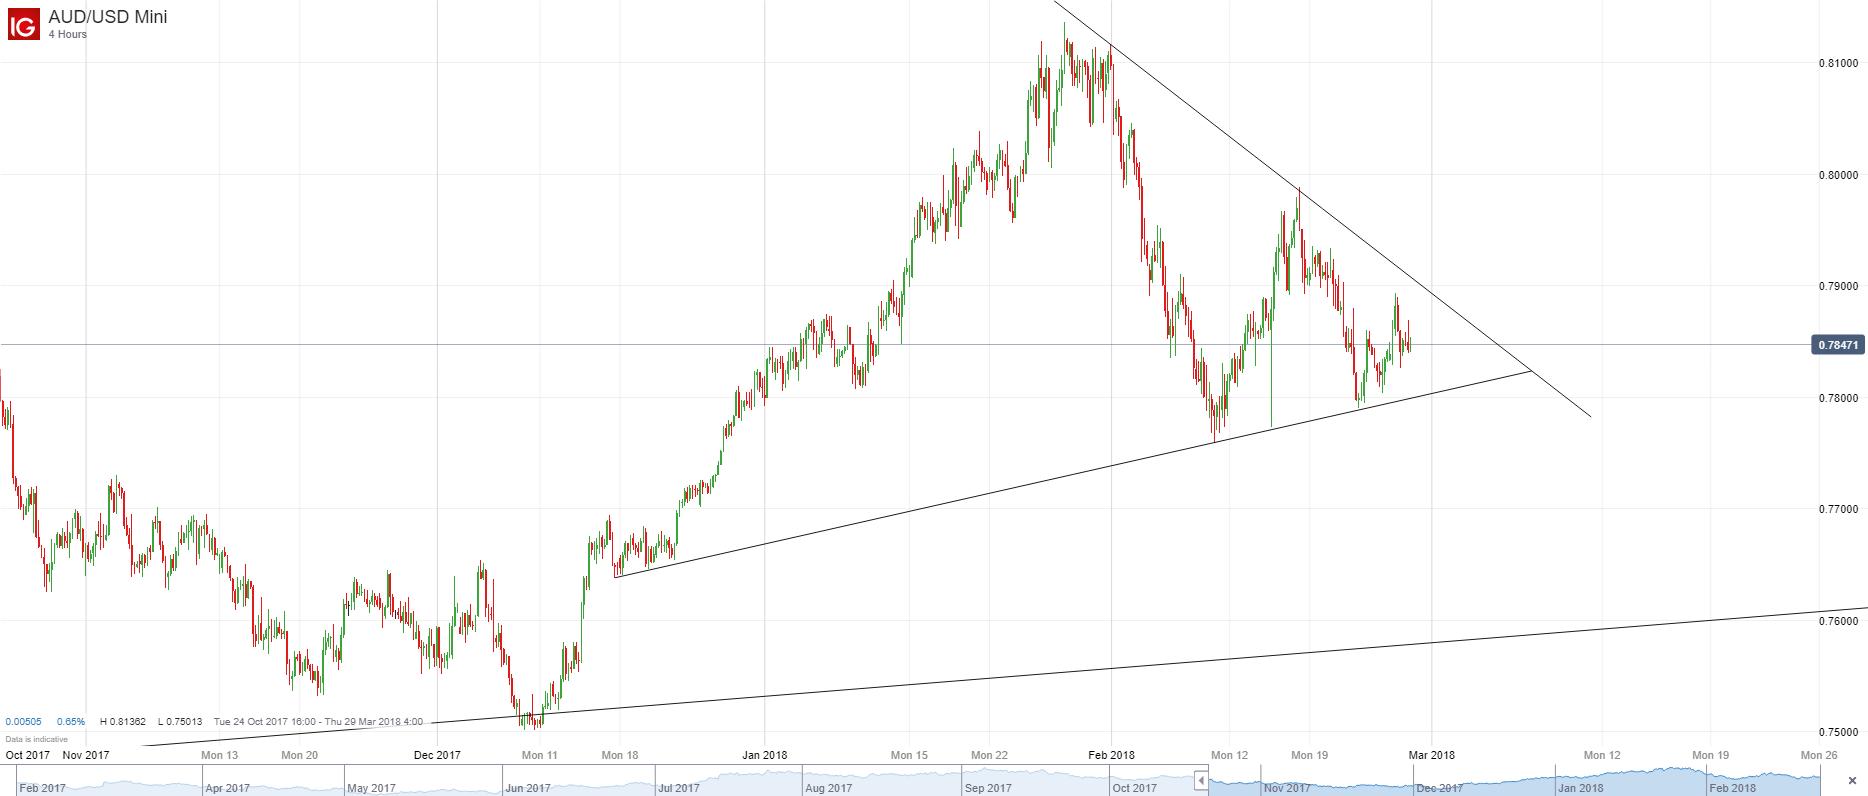 澳元/美元:短期方向仍不甚明朗